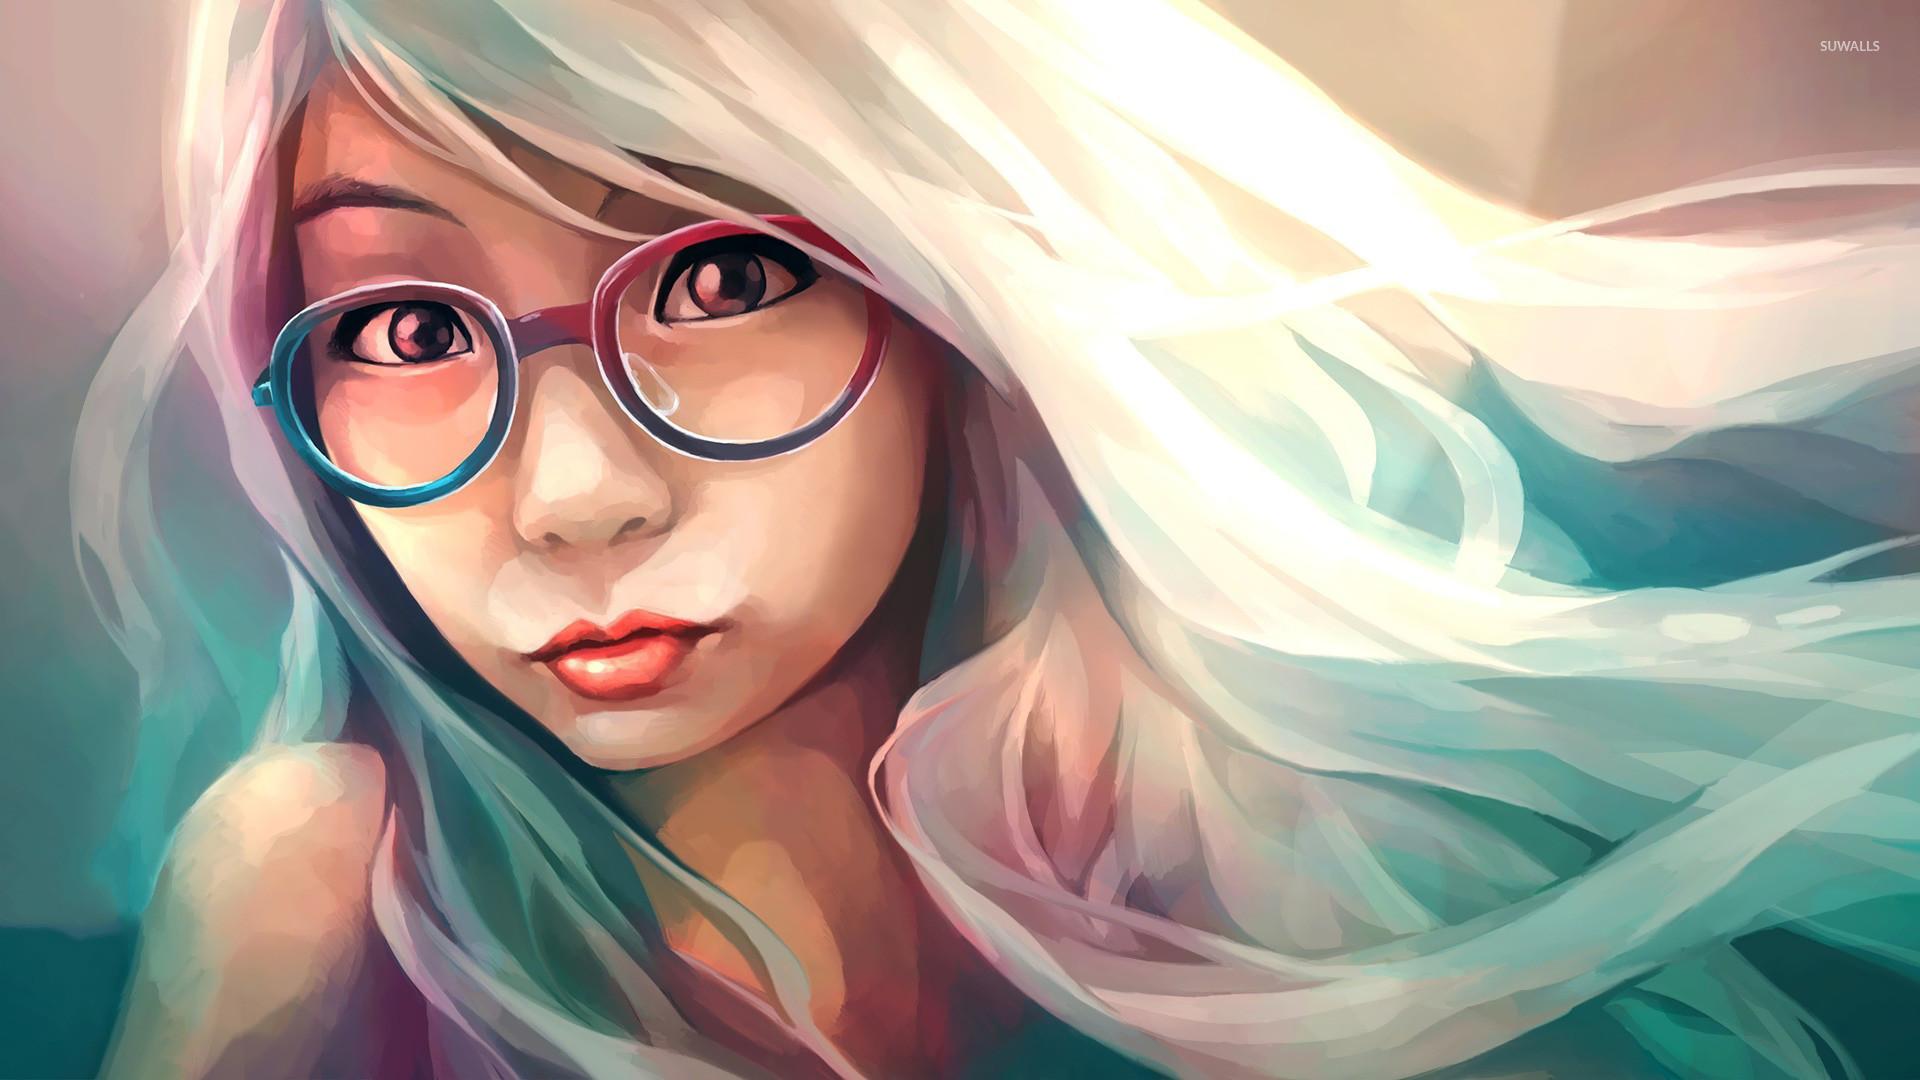 Hipster girl wallpaper jpg